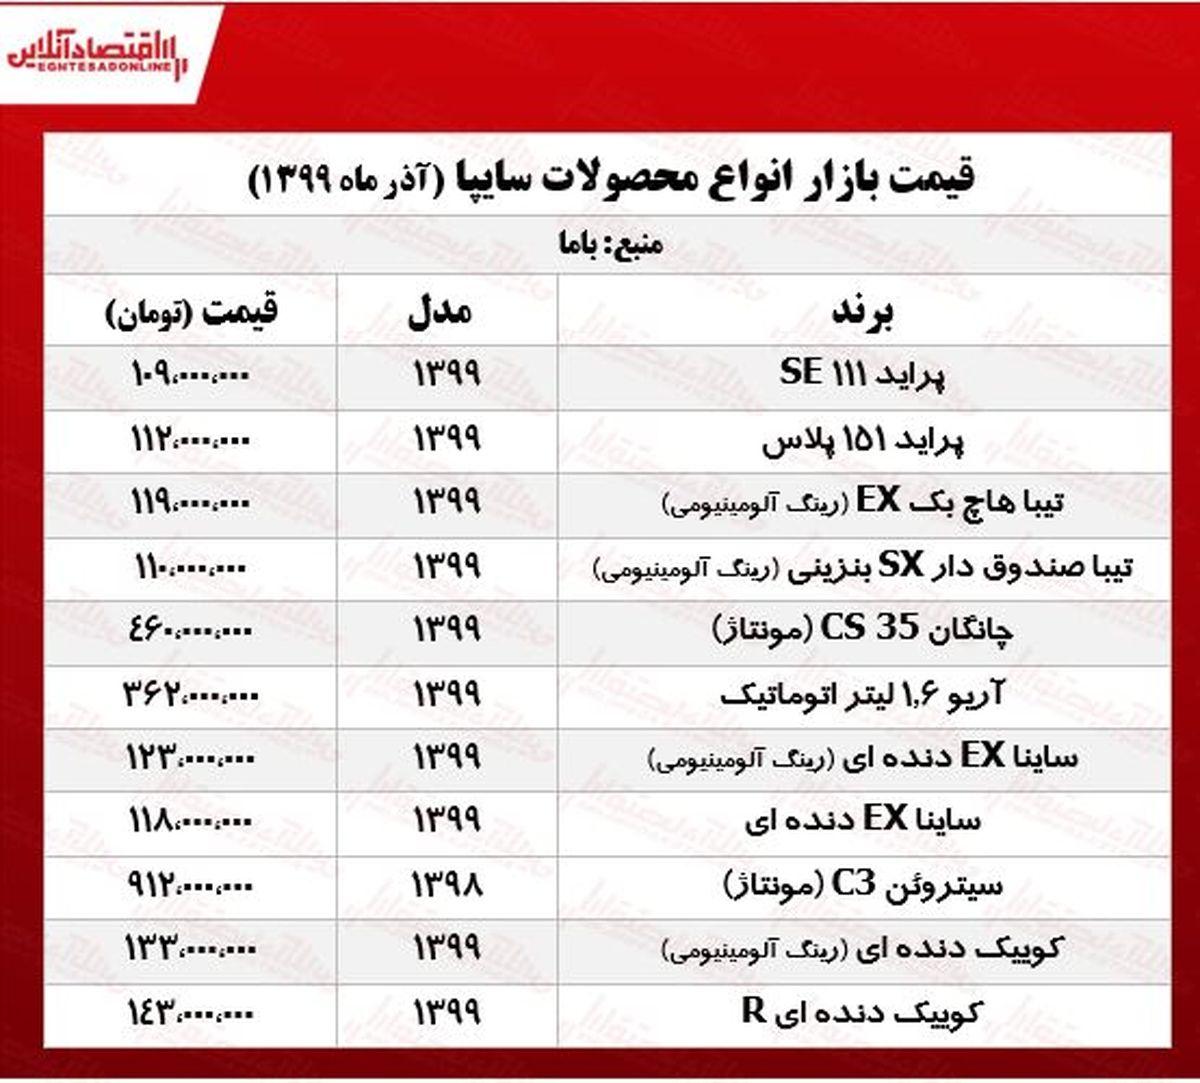 قیمت روز خودرو / سایپا (۹۹/۹/۱۰)